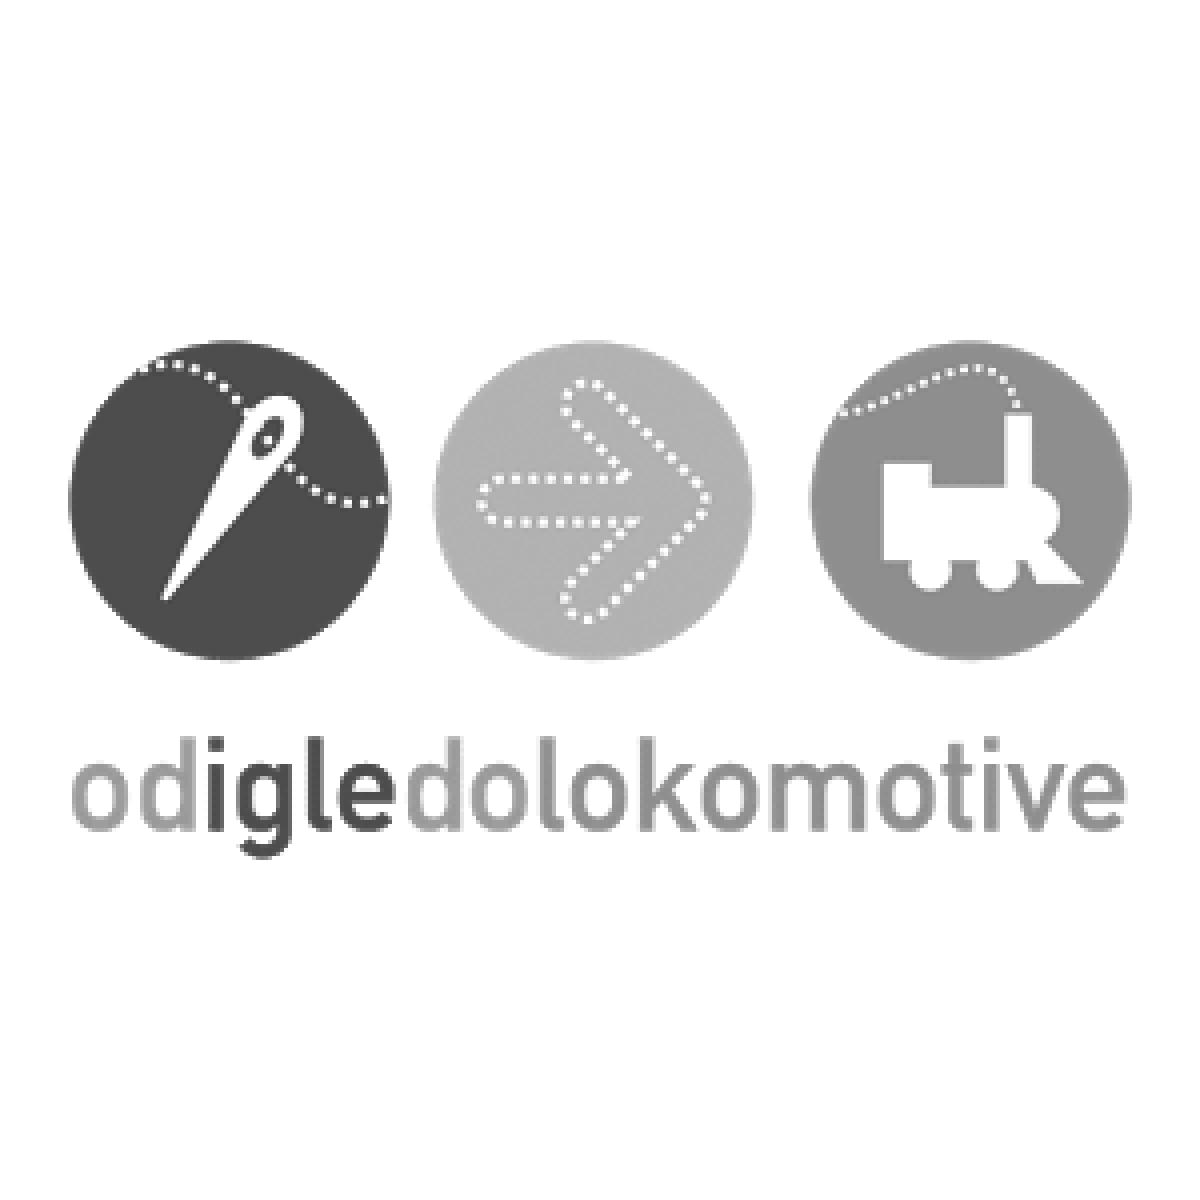 Bilbord za kompaniju Odigledolokomotive